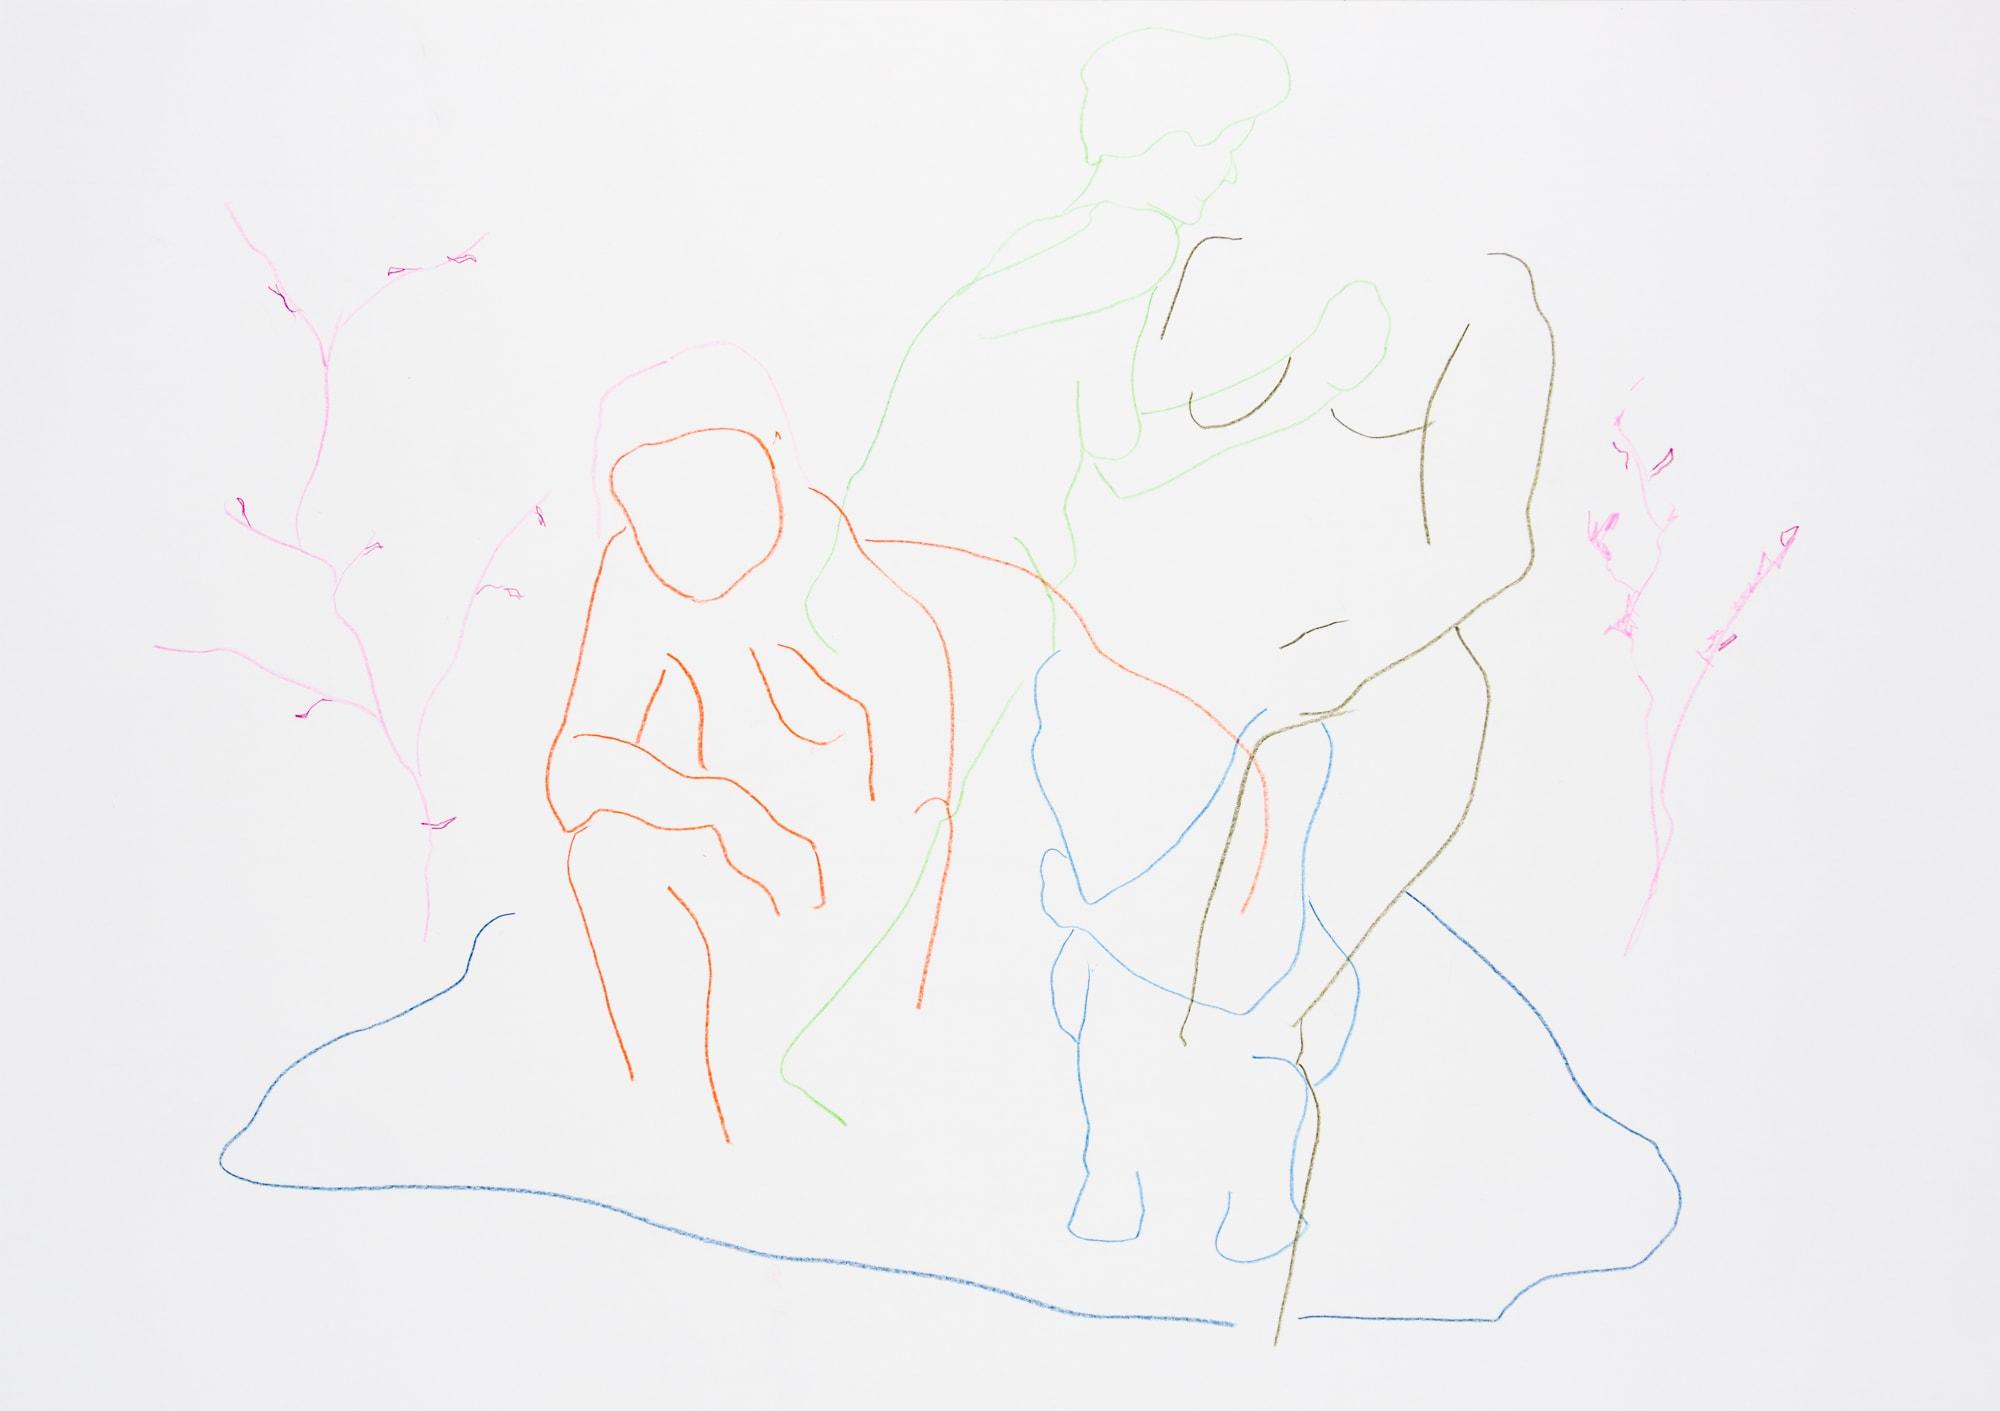 Zeichnung, Farbstift auf Papier, 59,4x42cm, Akt, Künstlerin: Franziska King